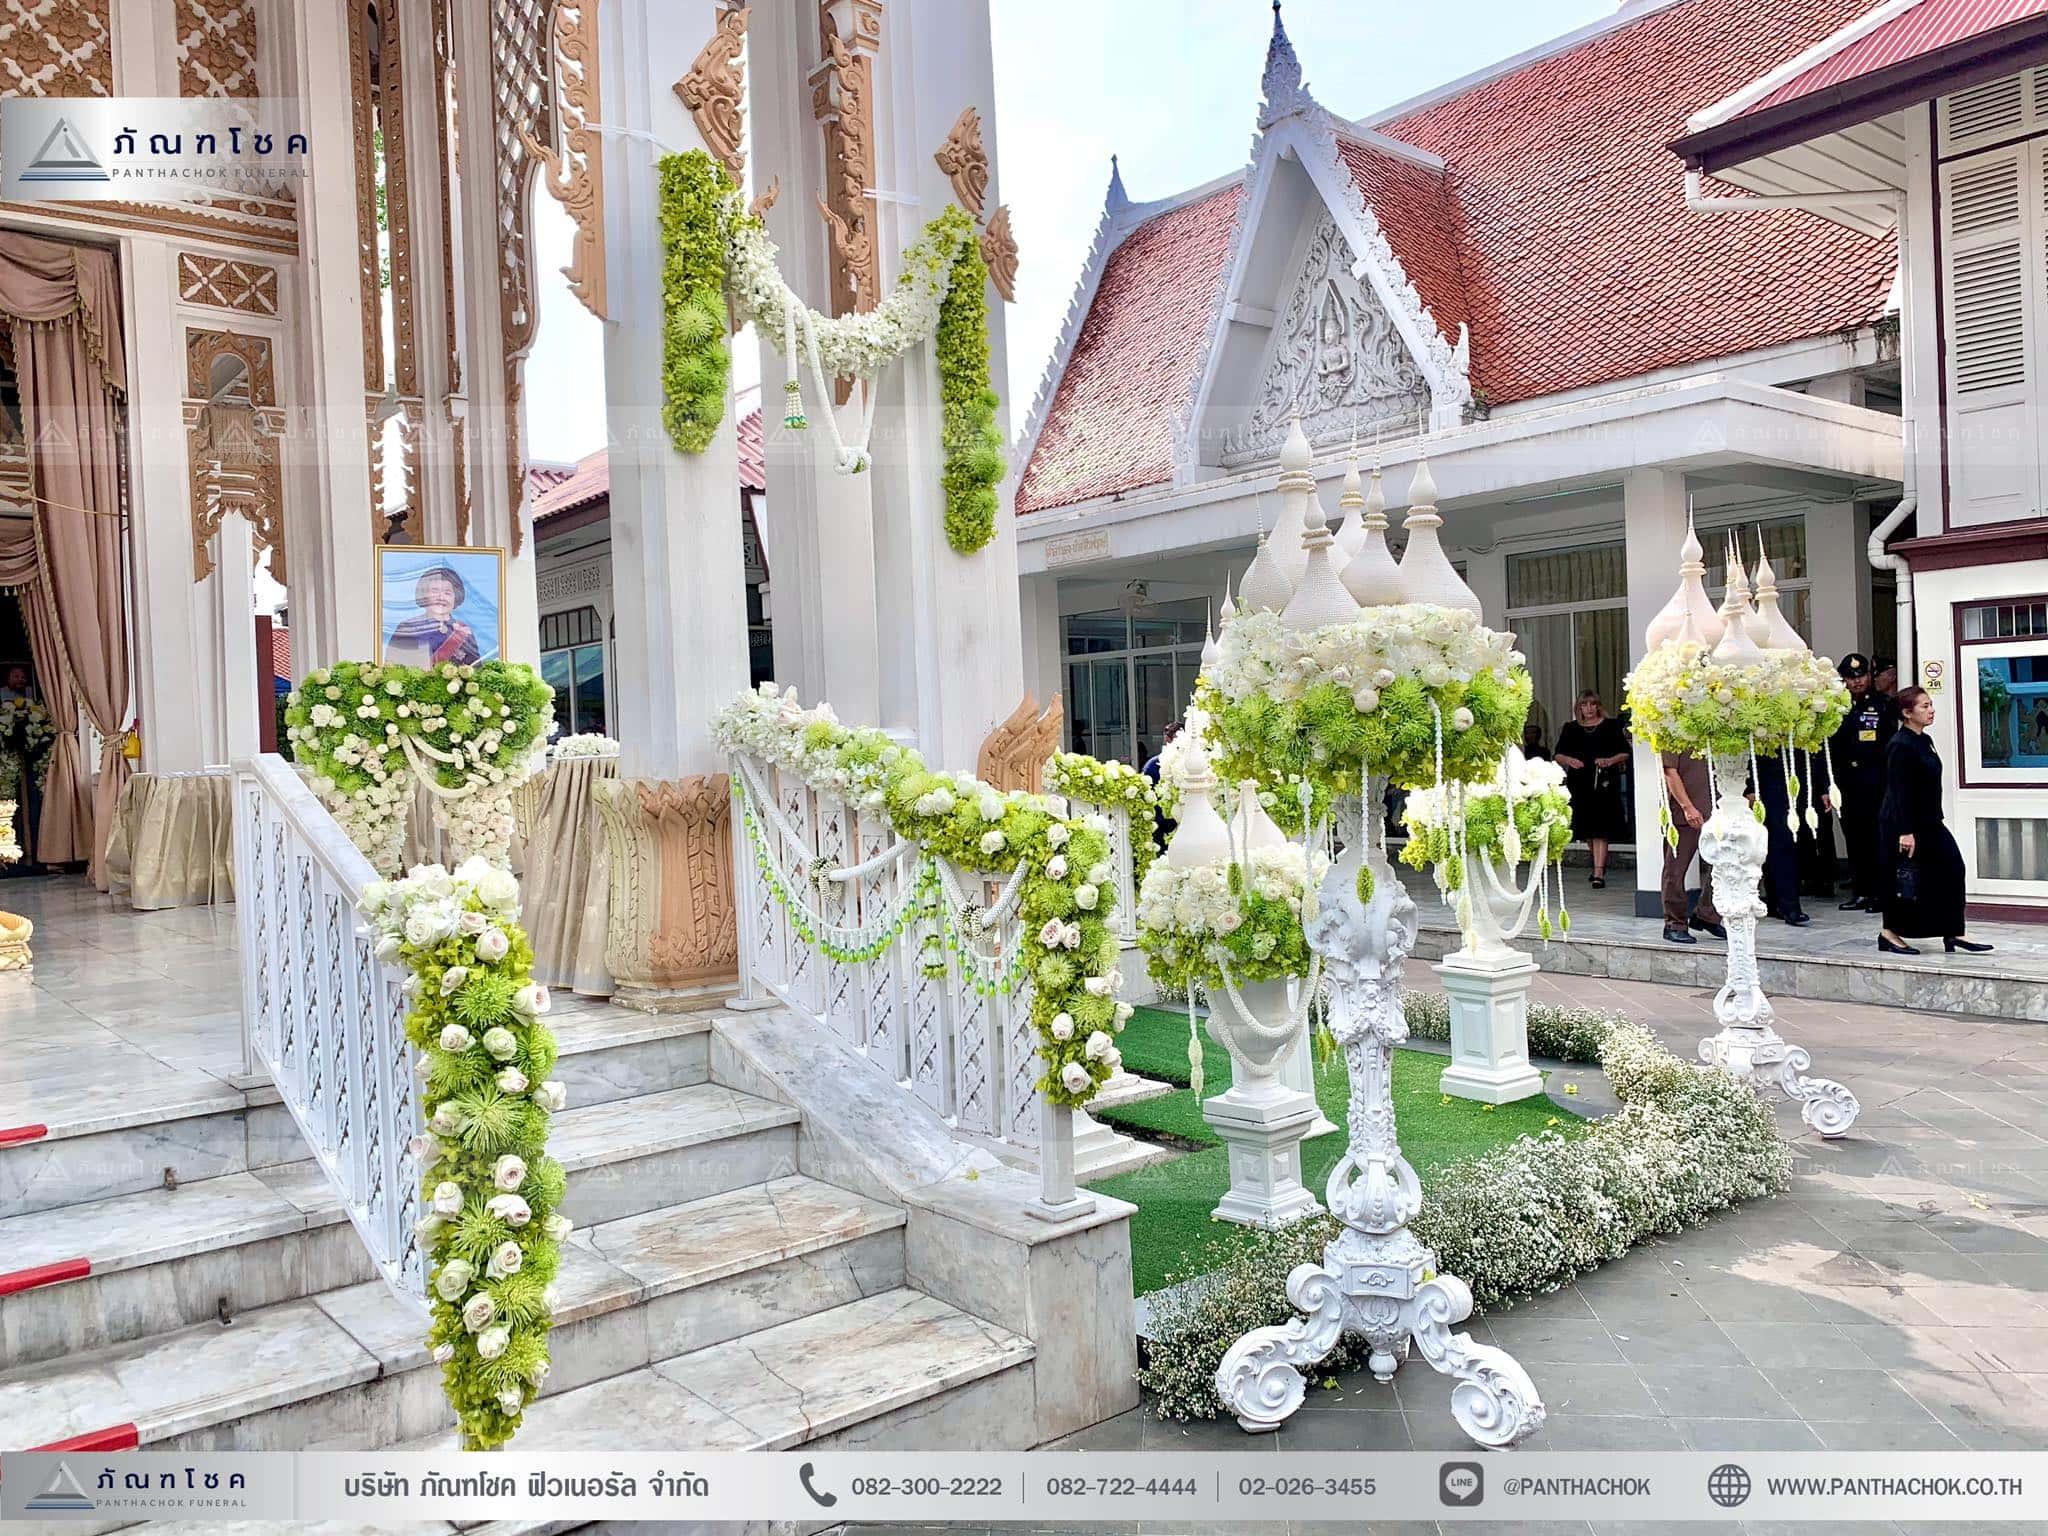 ดอกไม้ประดับเมรุในรูปแบบไทยประยุกต์ ณ วัดมกุฏกษัตริยารามราชวรวิหาร 5